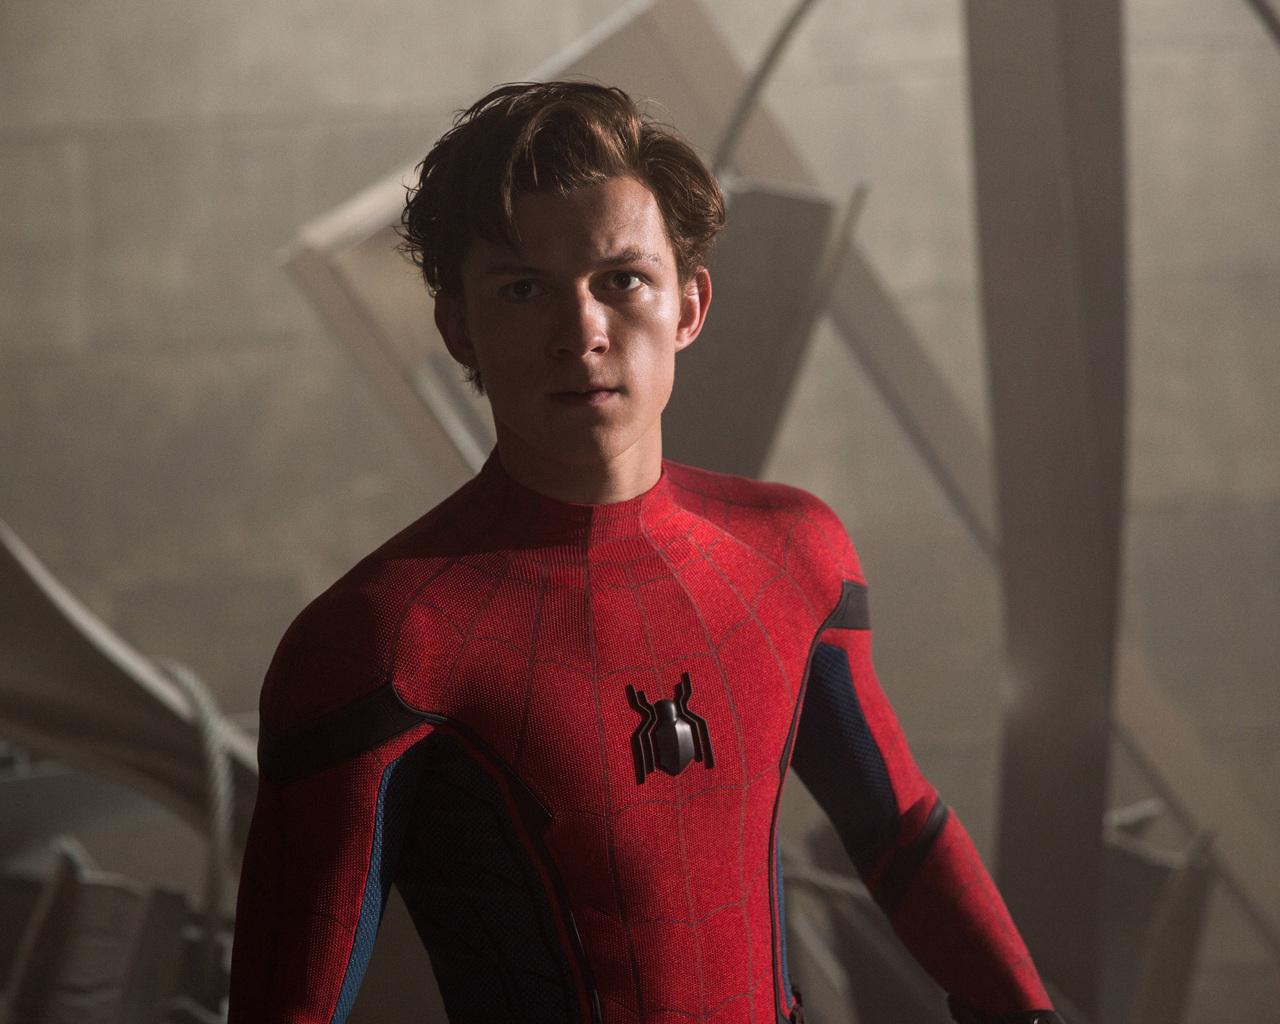 tom-holland-in-spiderman-homecoming-5k-rk.jpg